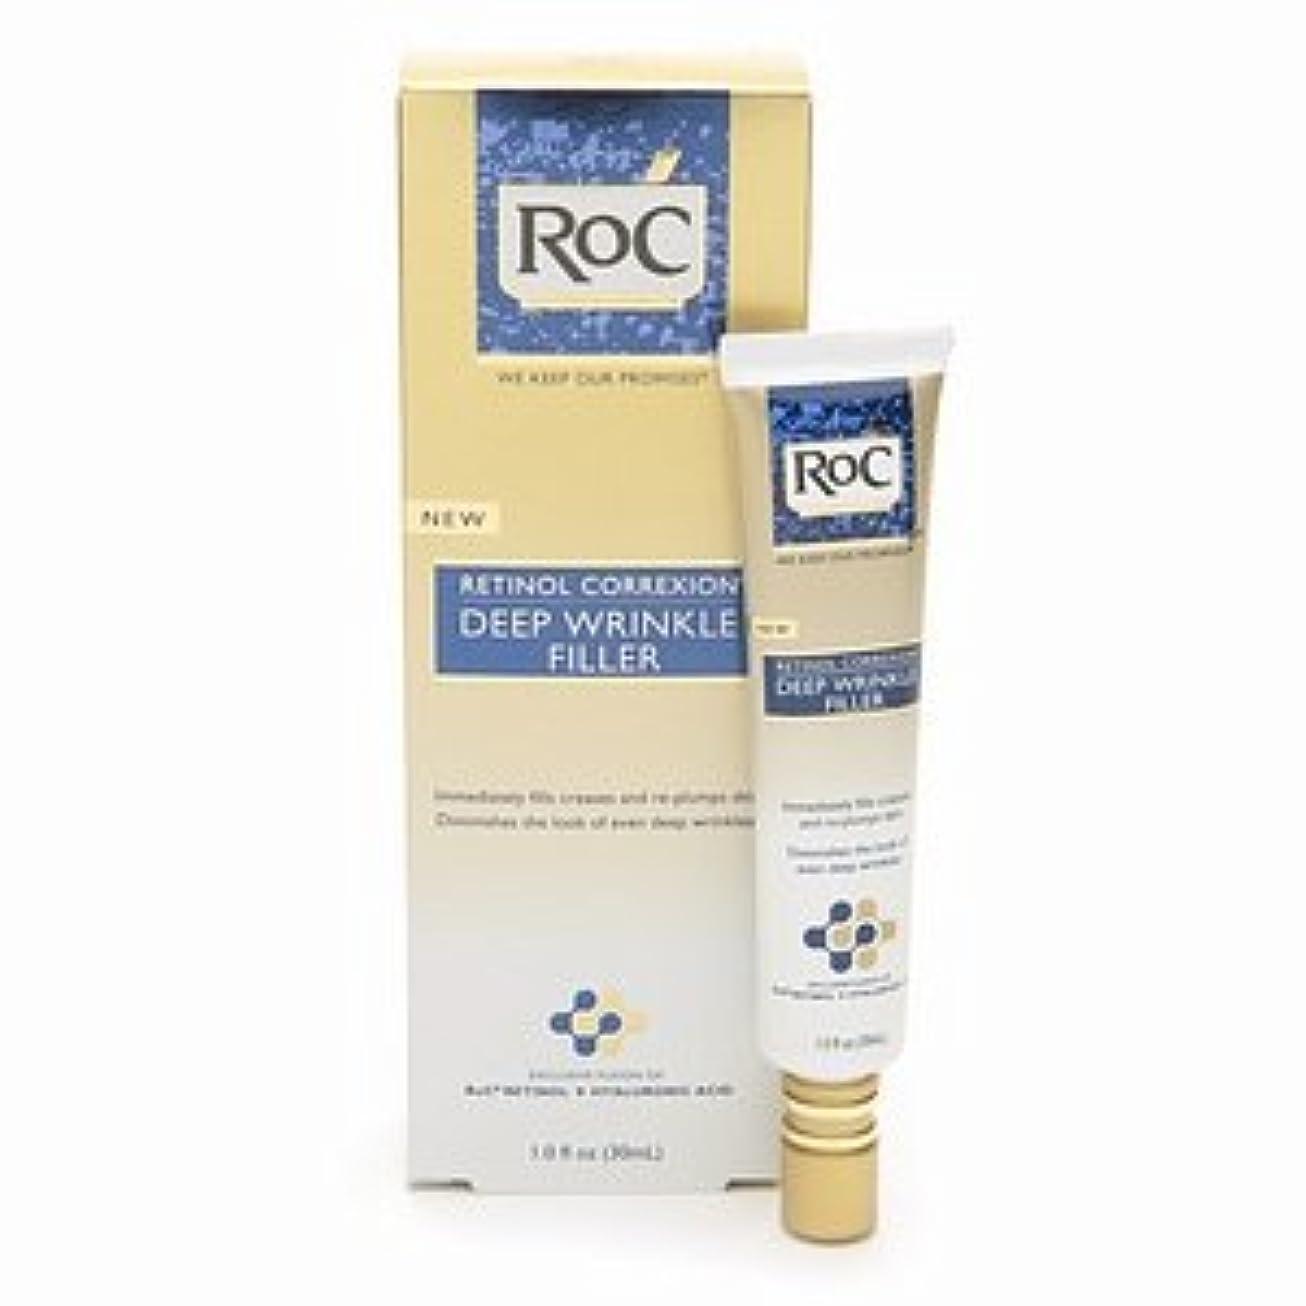 侮辱染色敬RoC レチノール コレクション ディープリンクル フィラー RoC Retinol Correxion Deep Wrinkle Filler